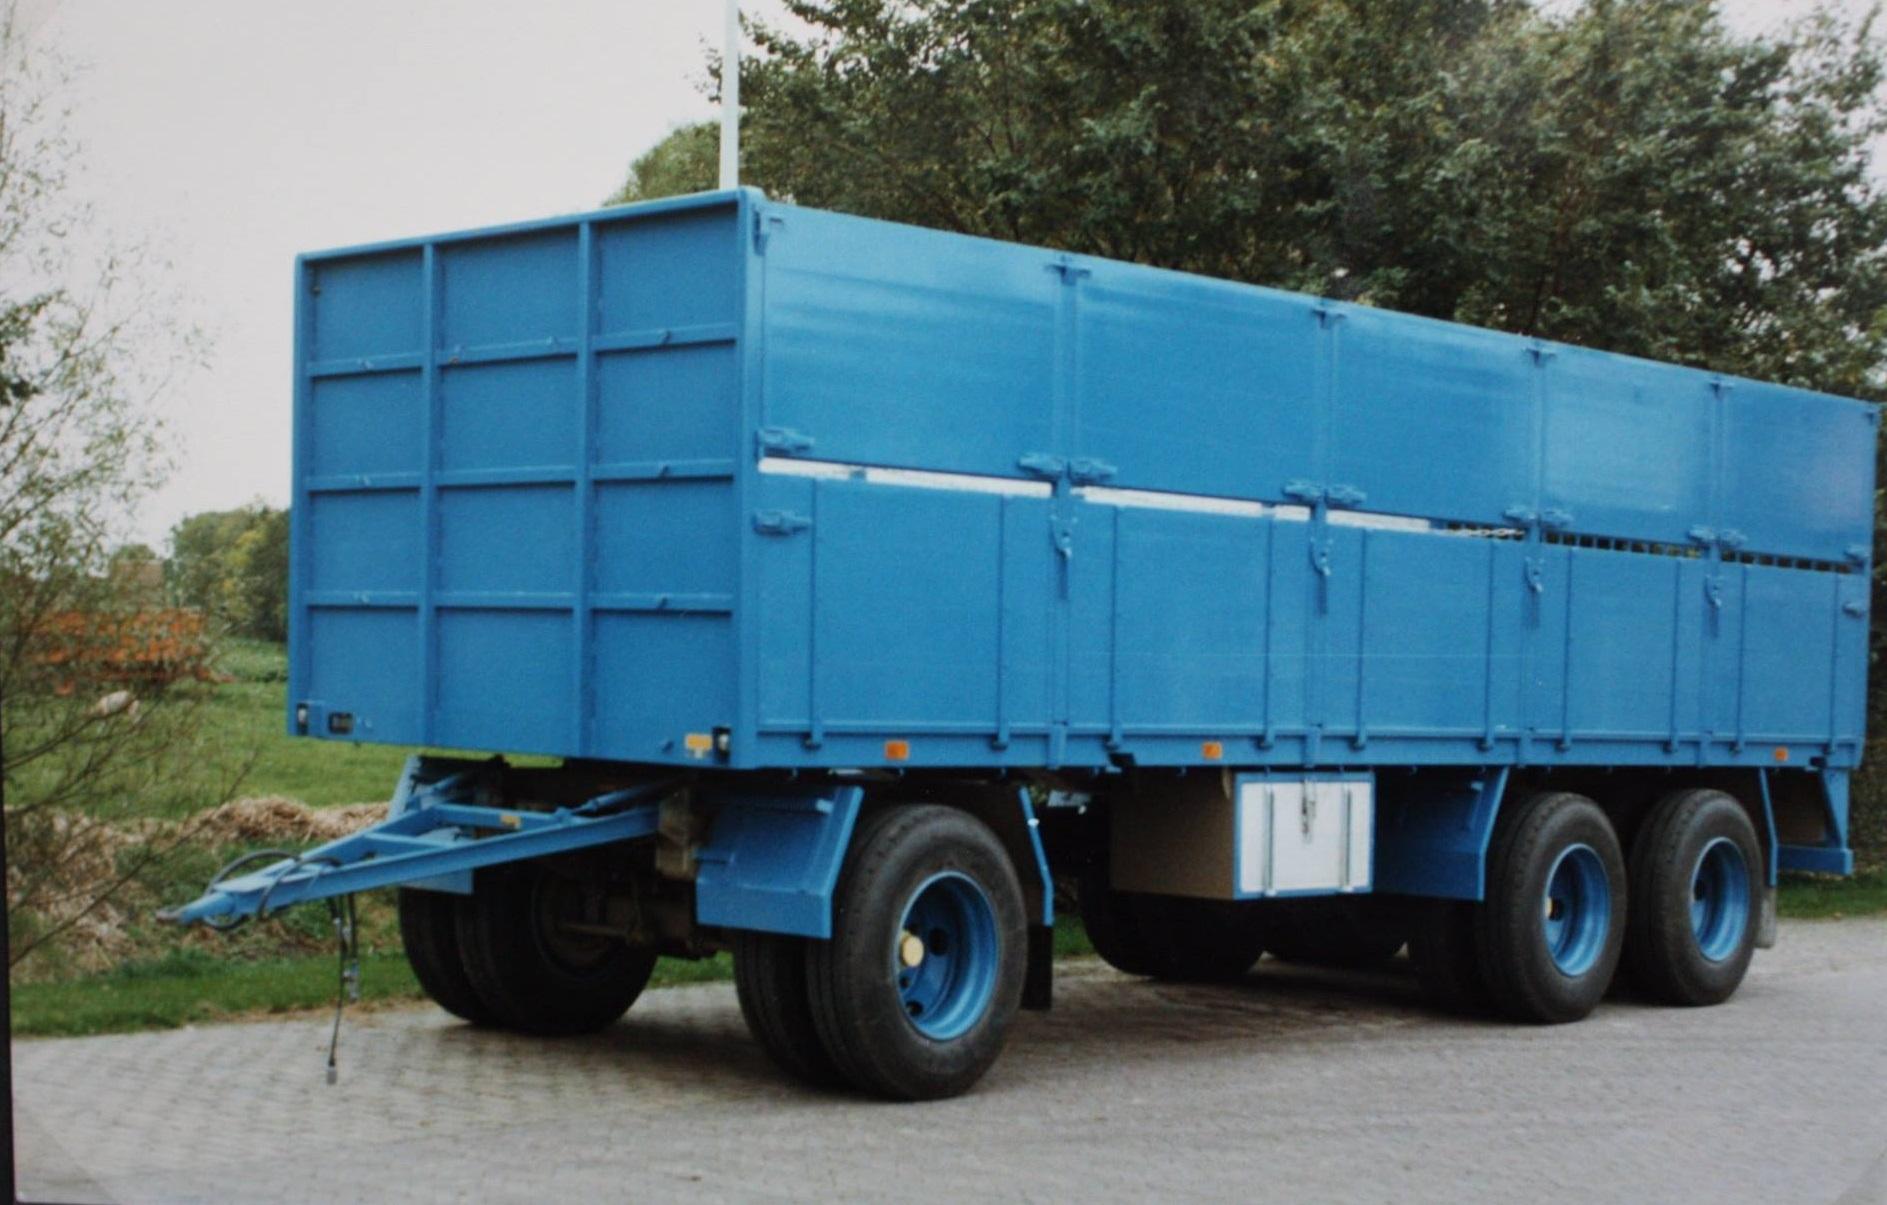 combinatie-truck-met-aanhangwagen-voor-bietenvervoer-en-deze-oplegger-is-gebouwd-door-Rondaan-voor-Transportbedrijf-Althusius-in-Tzummarum-3